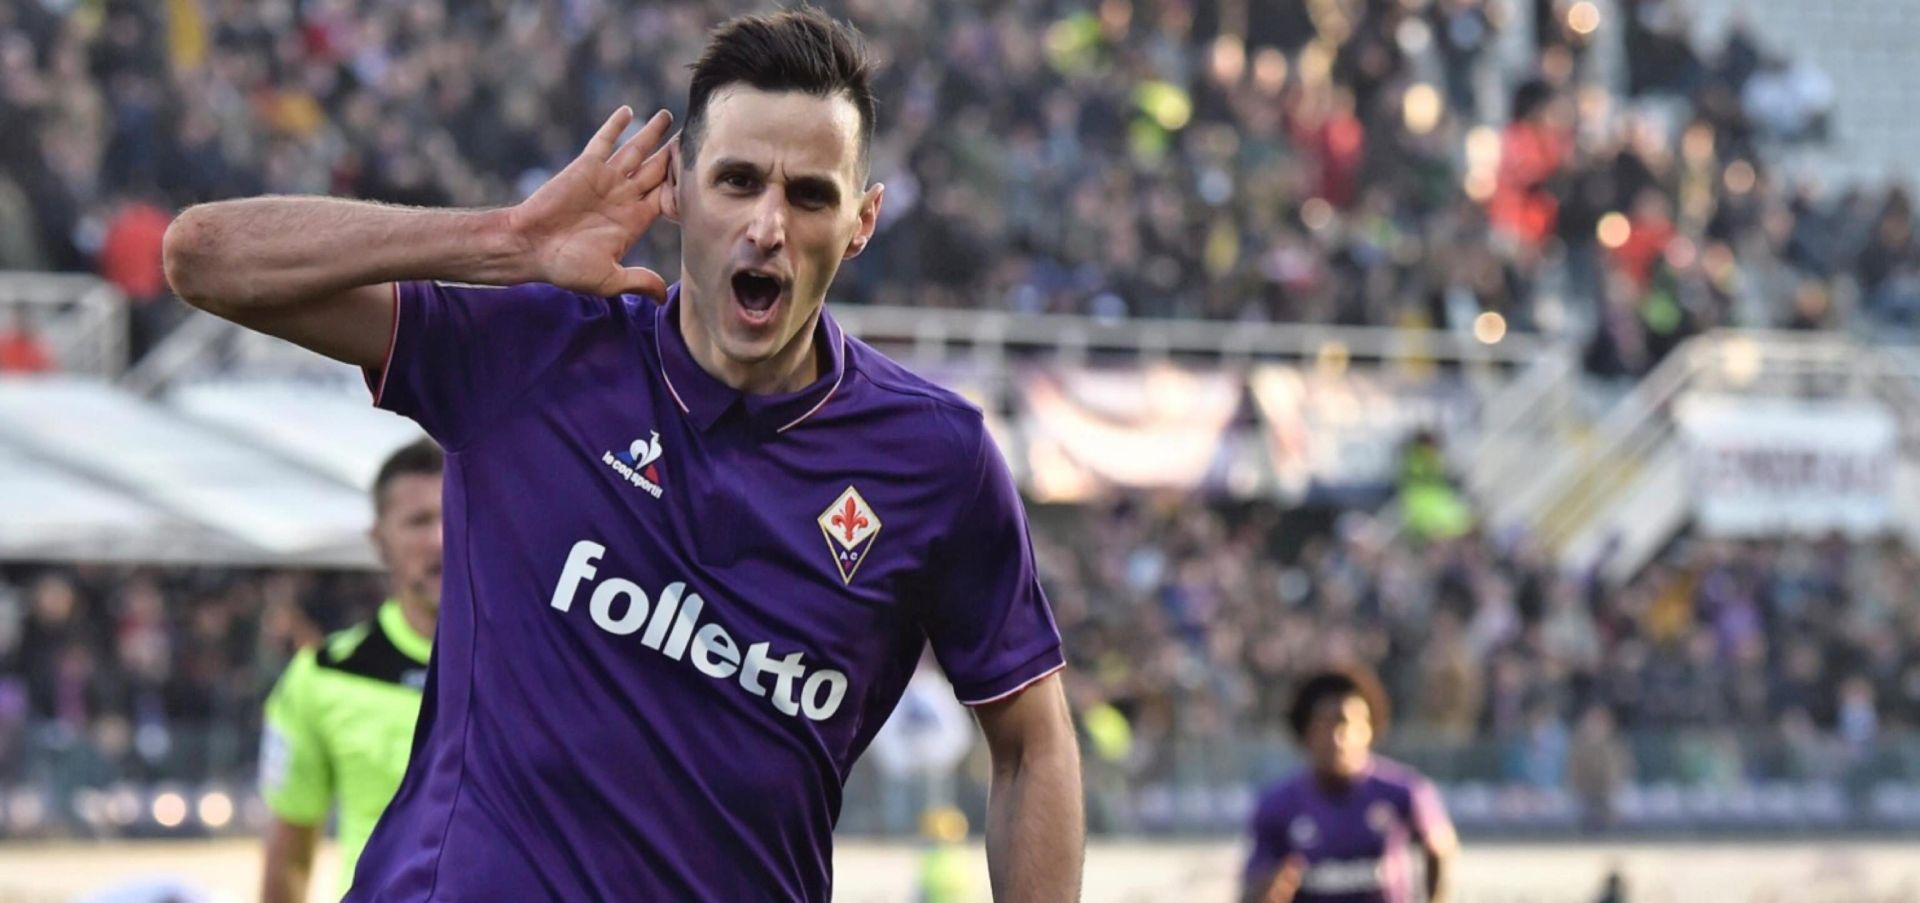 ČEKA TRANSFER U MILAN Fiorentina će kazniti Kalinića jer se nije pojavio na treningu